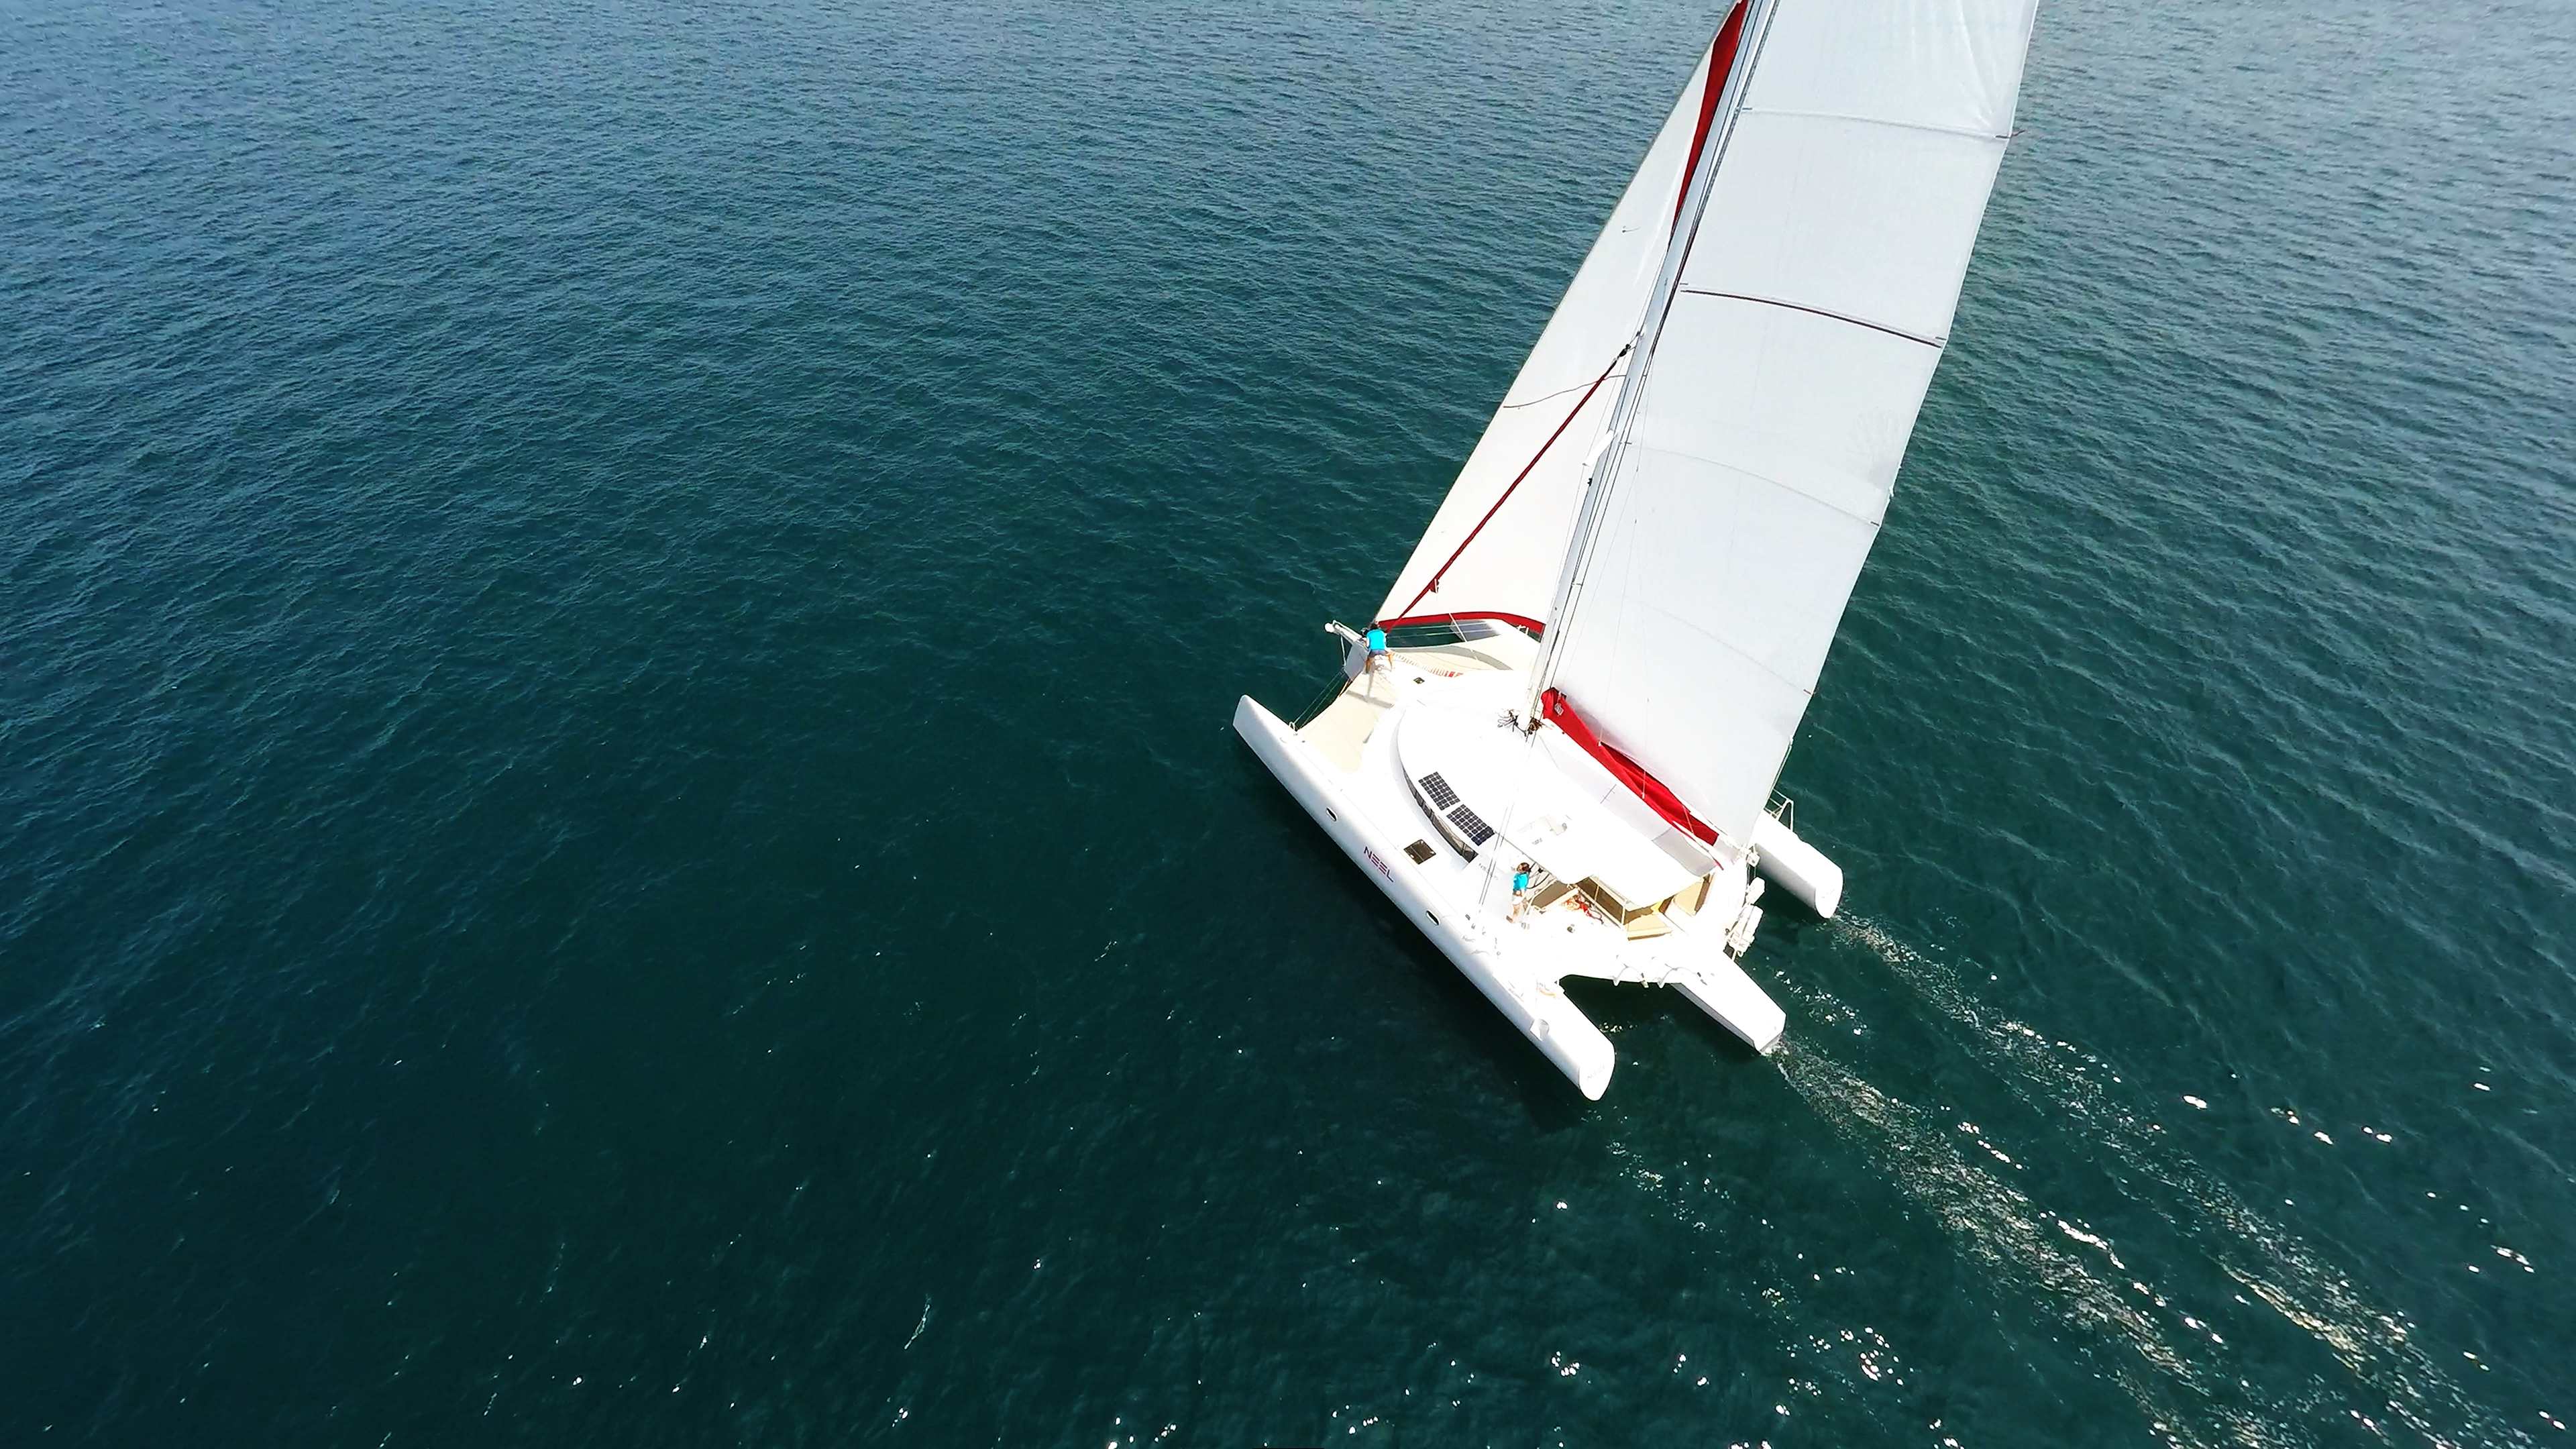 multiscafo yacht trimarano a vela